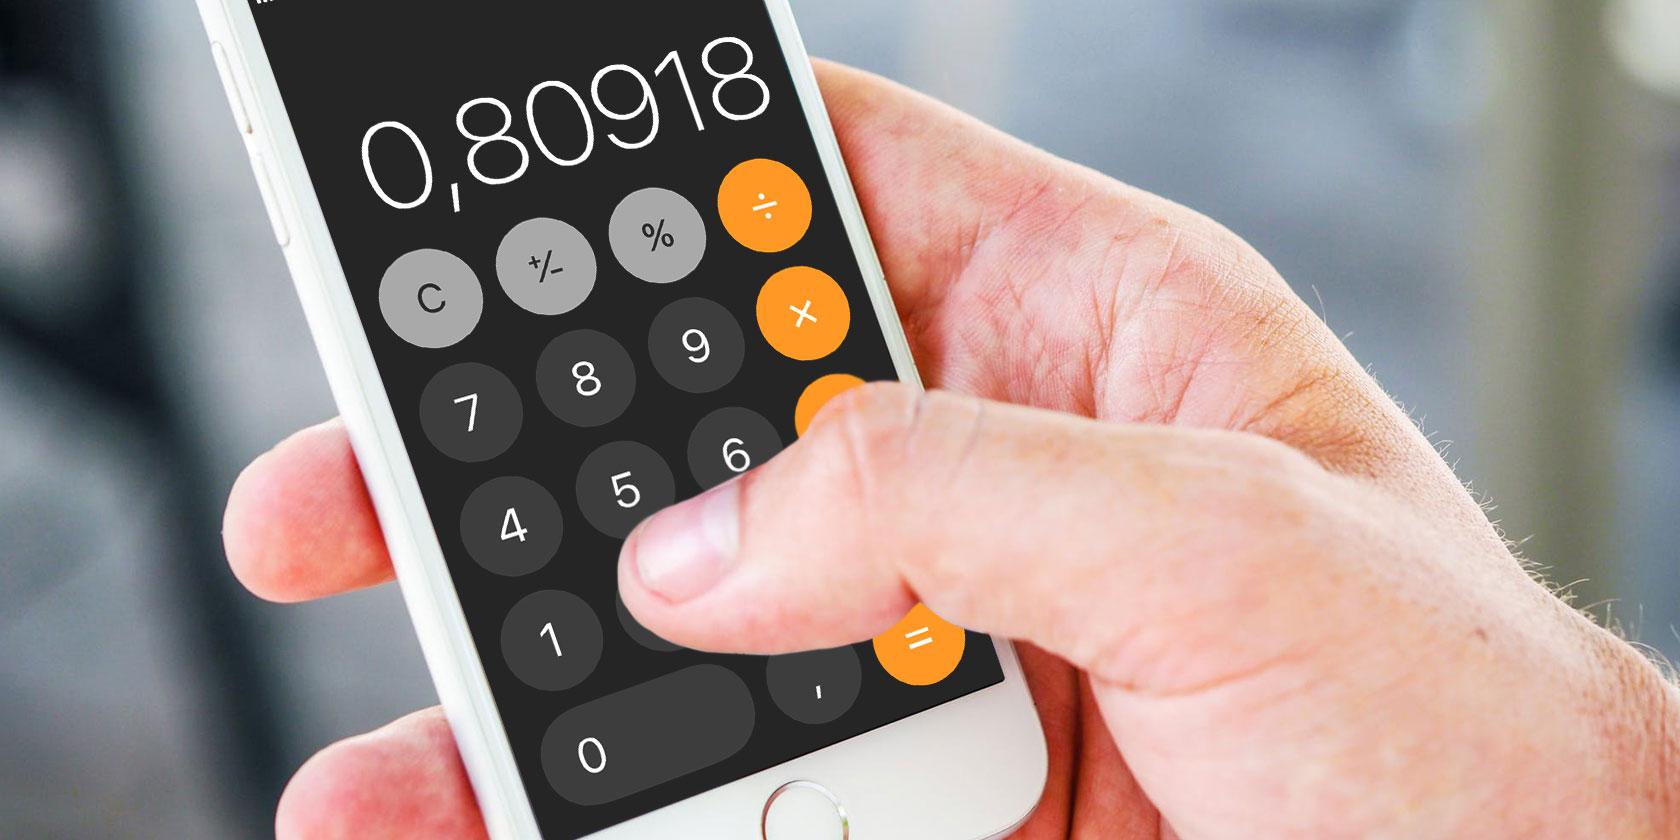 iphone-default-apps-secrets